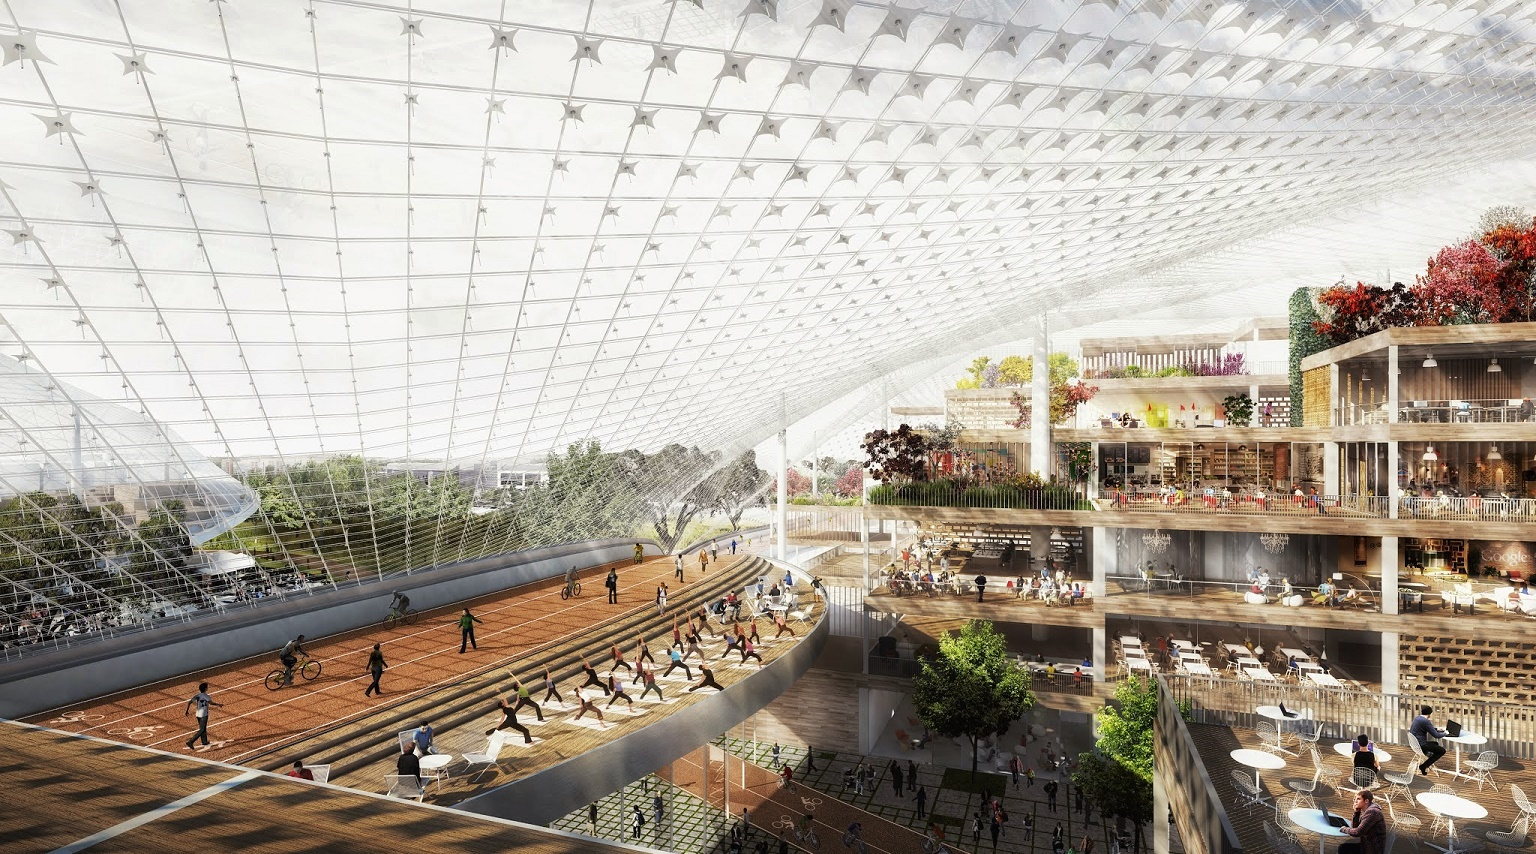 Focado em espaços abertos e verdes, novo campus do Google sugere ser um lugar onde famílias podem viver e trabalhar. Foto divulgação